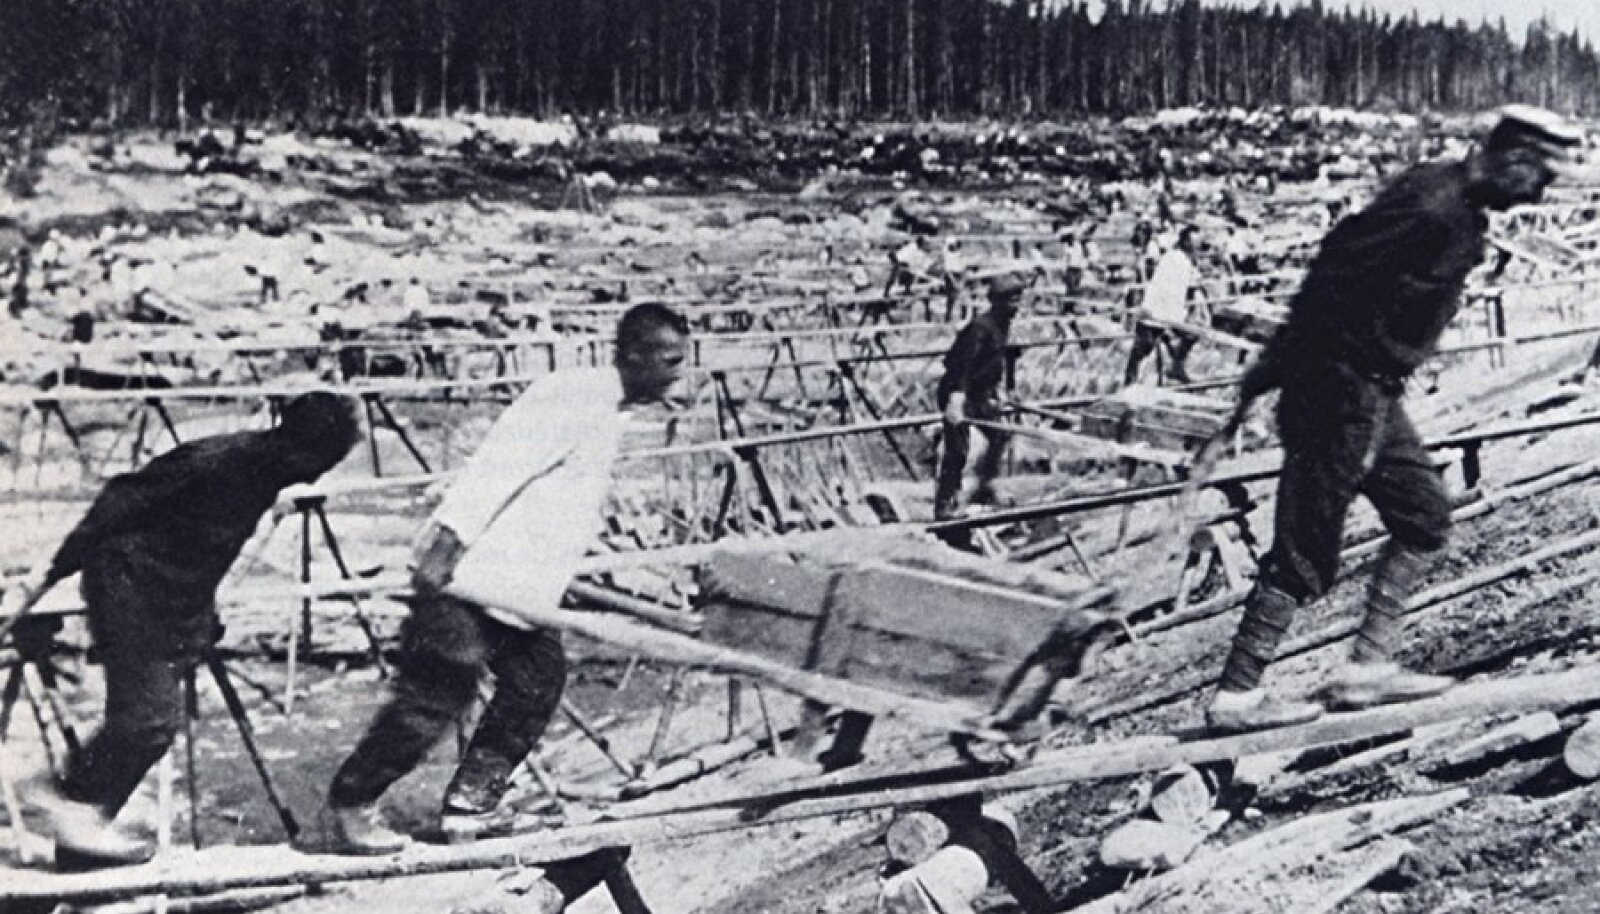 Balti-Valge mere kanal ehitati 12 - 25 000 poliitvangi hukkumise hinnaga.